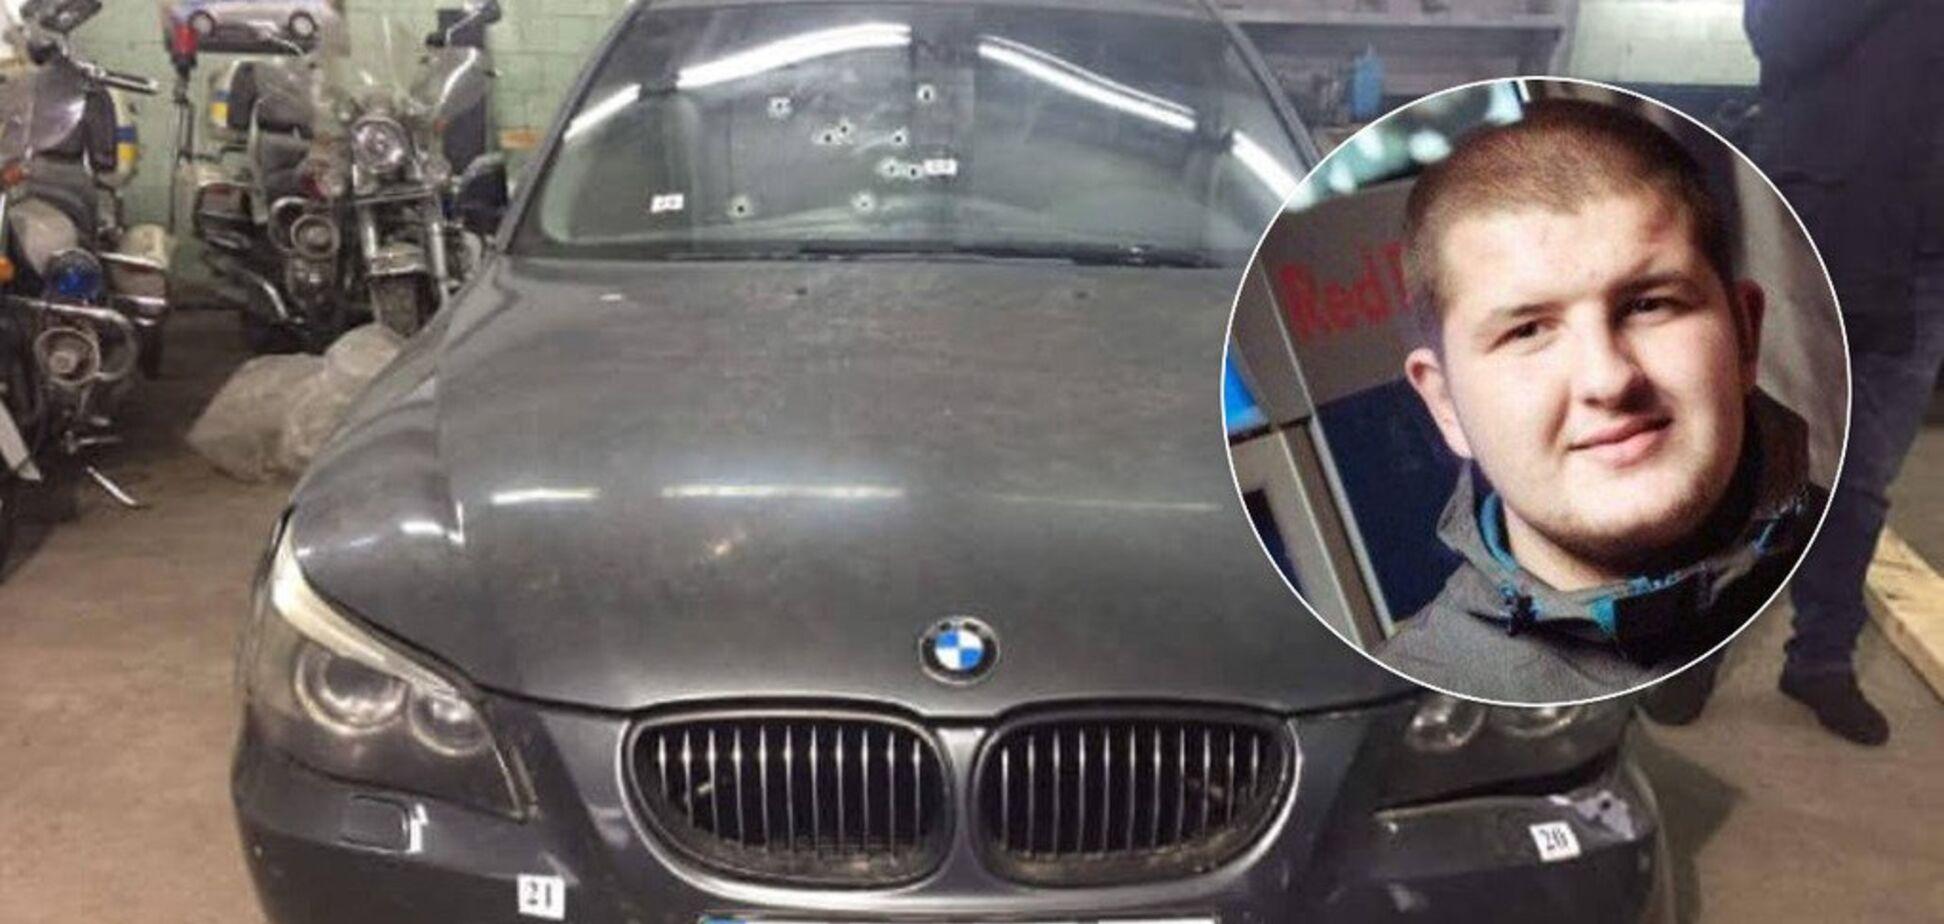 Ребята кричали: 'Не стреляйте!' Как продвигается дело о громком убийстве 17-летнего пассажира BMW патрульным